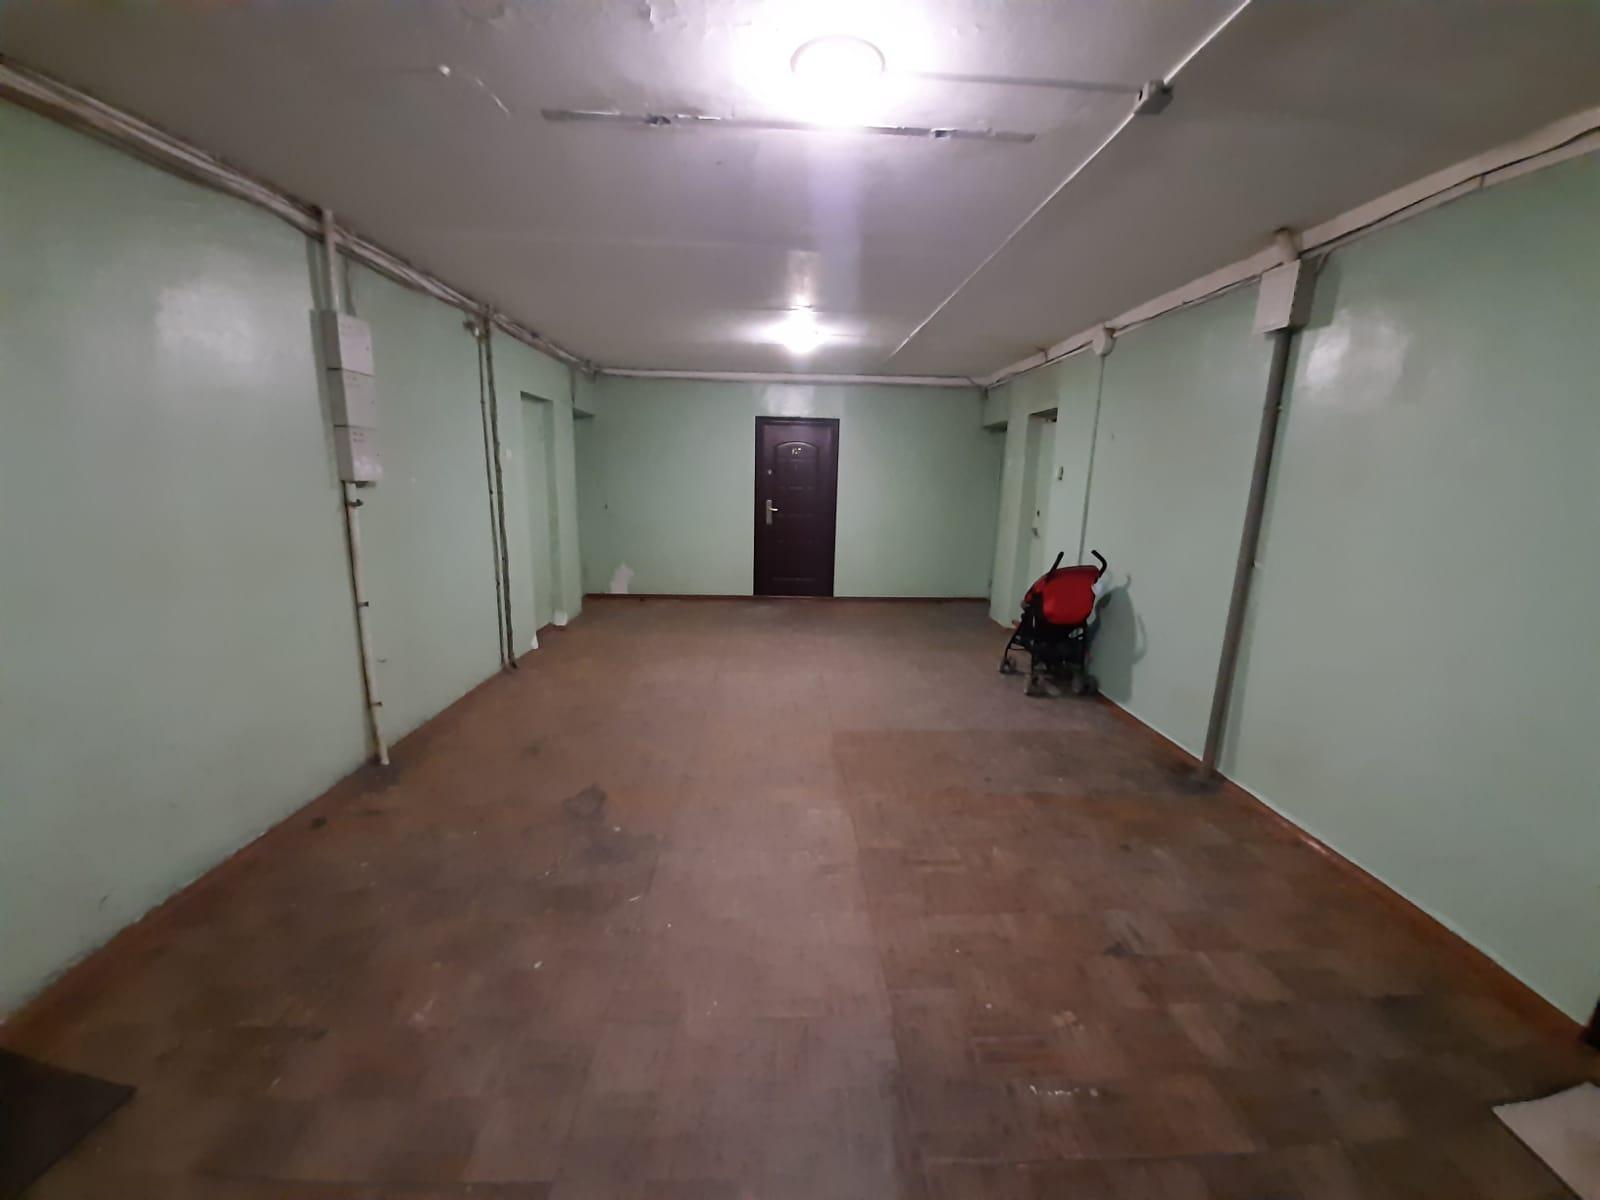 фото «Важны первые сутки»: как ищут сбежавших из колонии зэков в Новосибирске 7